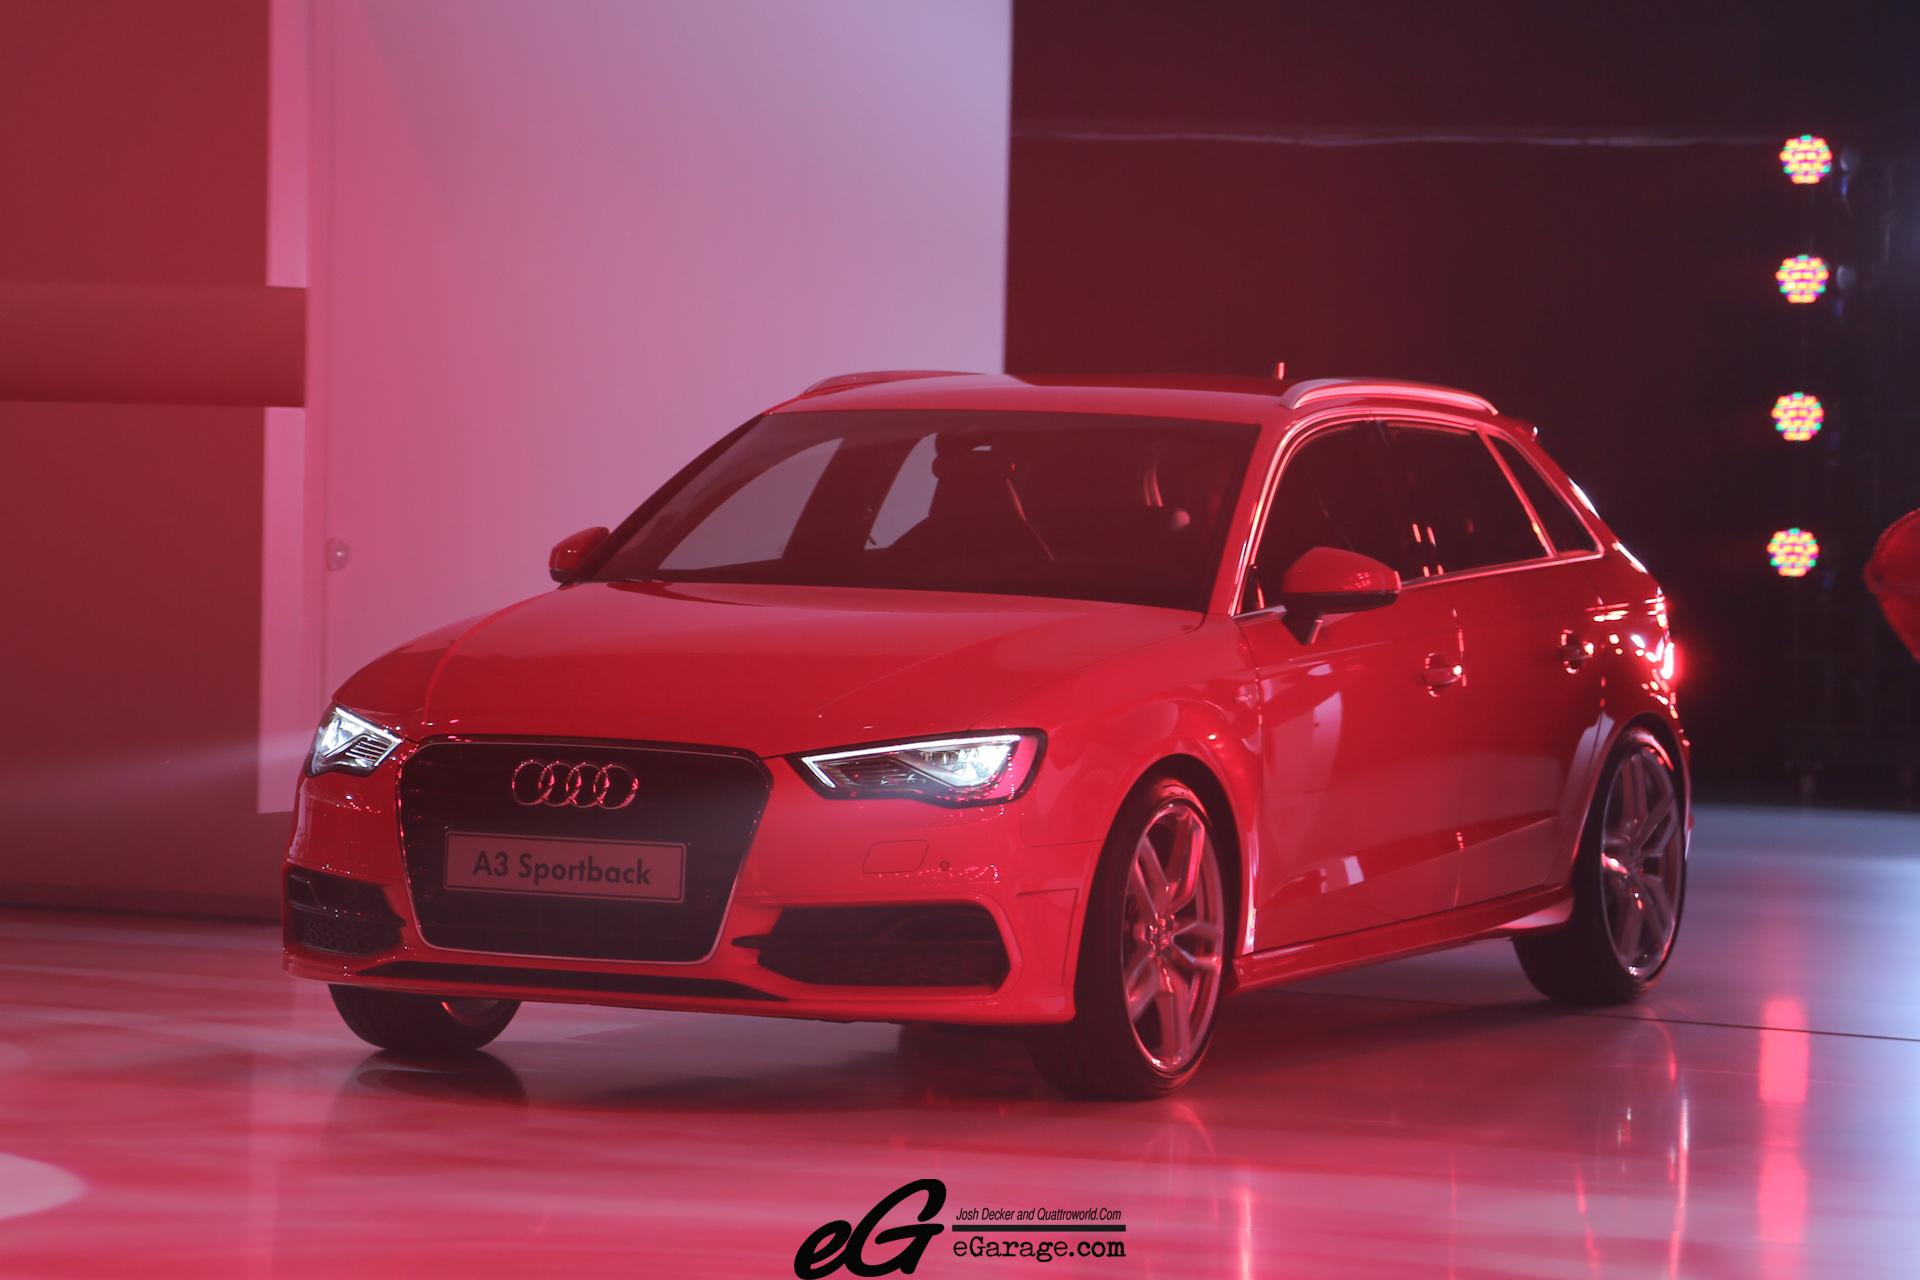 8030387556 bda61ff9d0 o 2012 Paris Motor Show